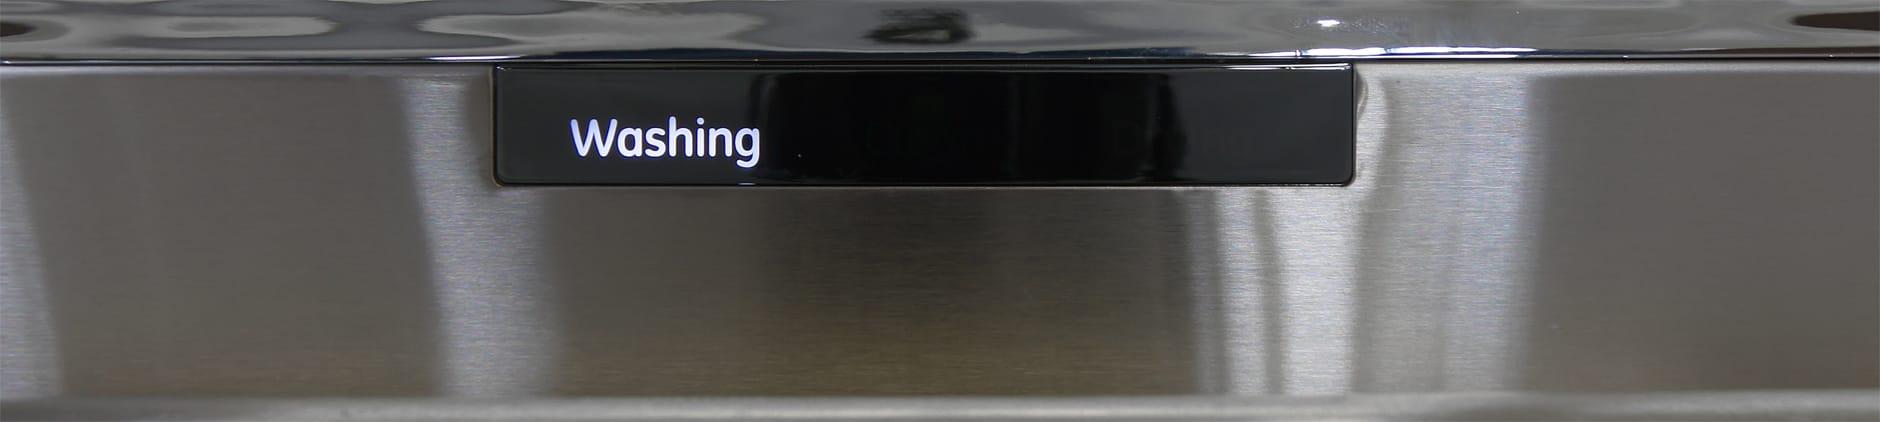 GE Profile PDT760SSFSS front screen